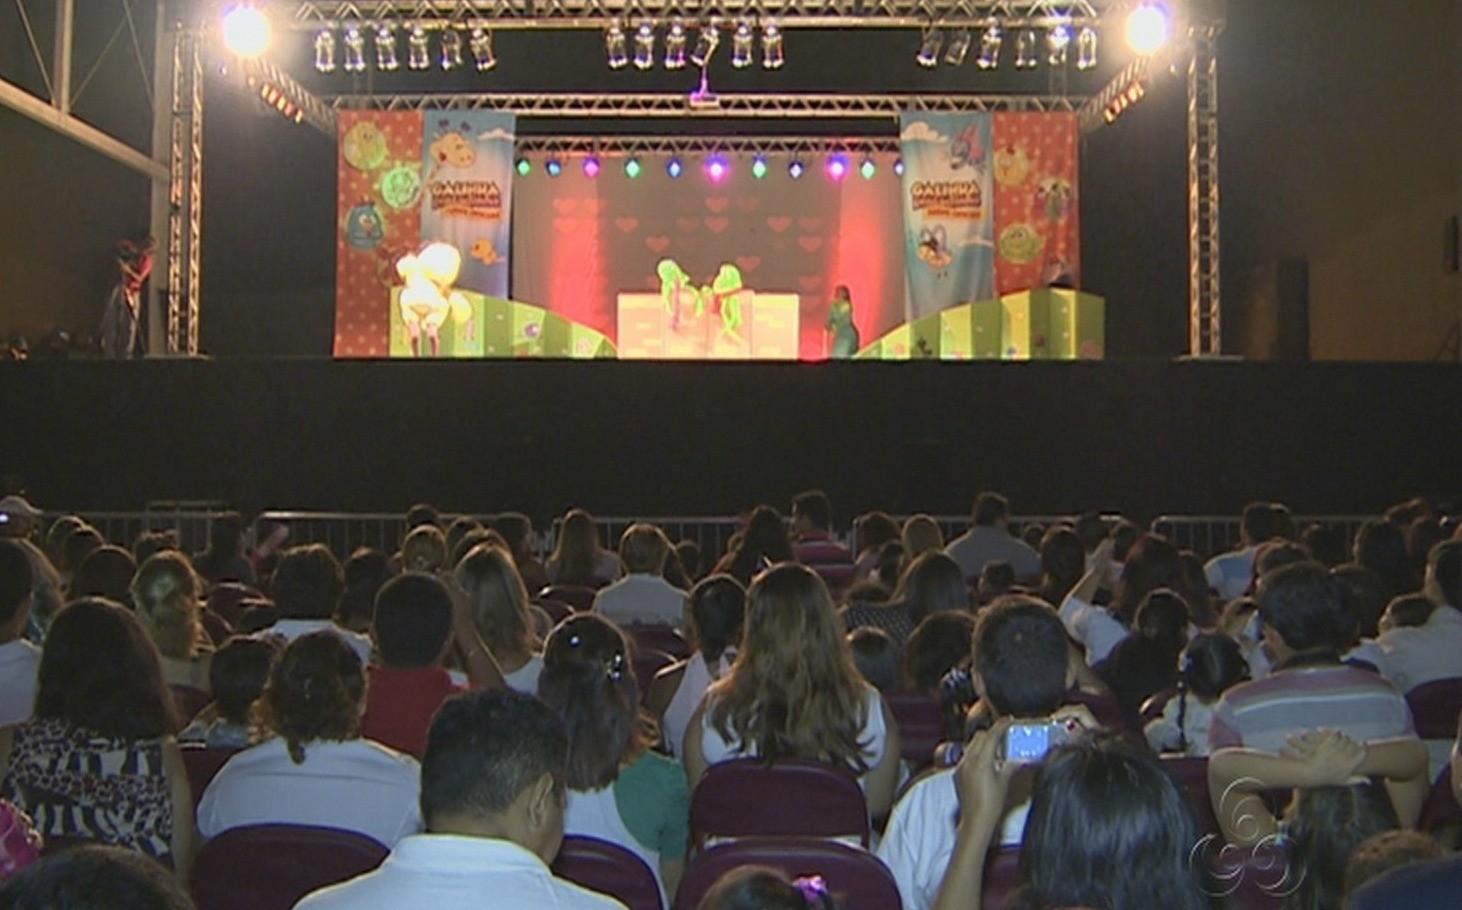 Show ocorreu no Studio 5 Centro de Convenções, em Manaus (Foto: Amazônia TV)